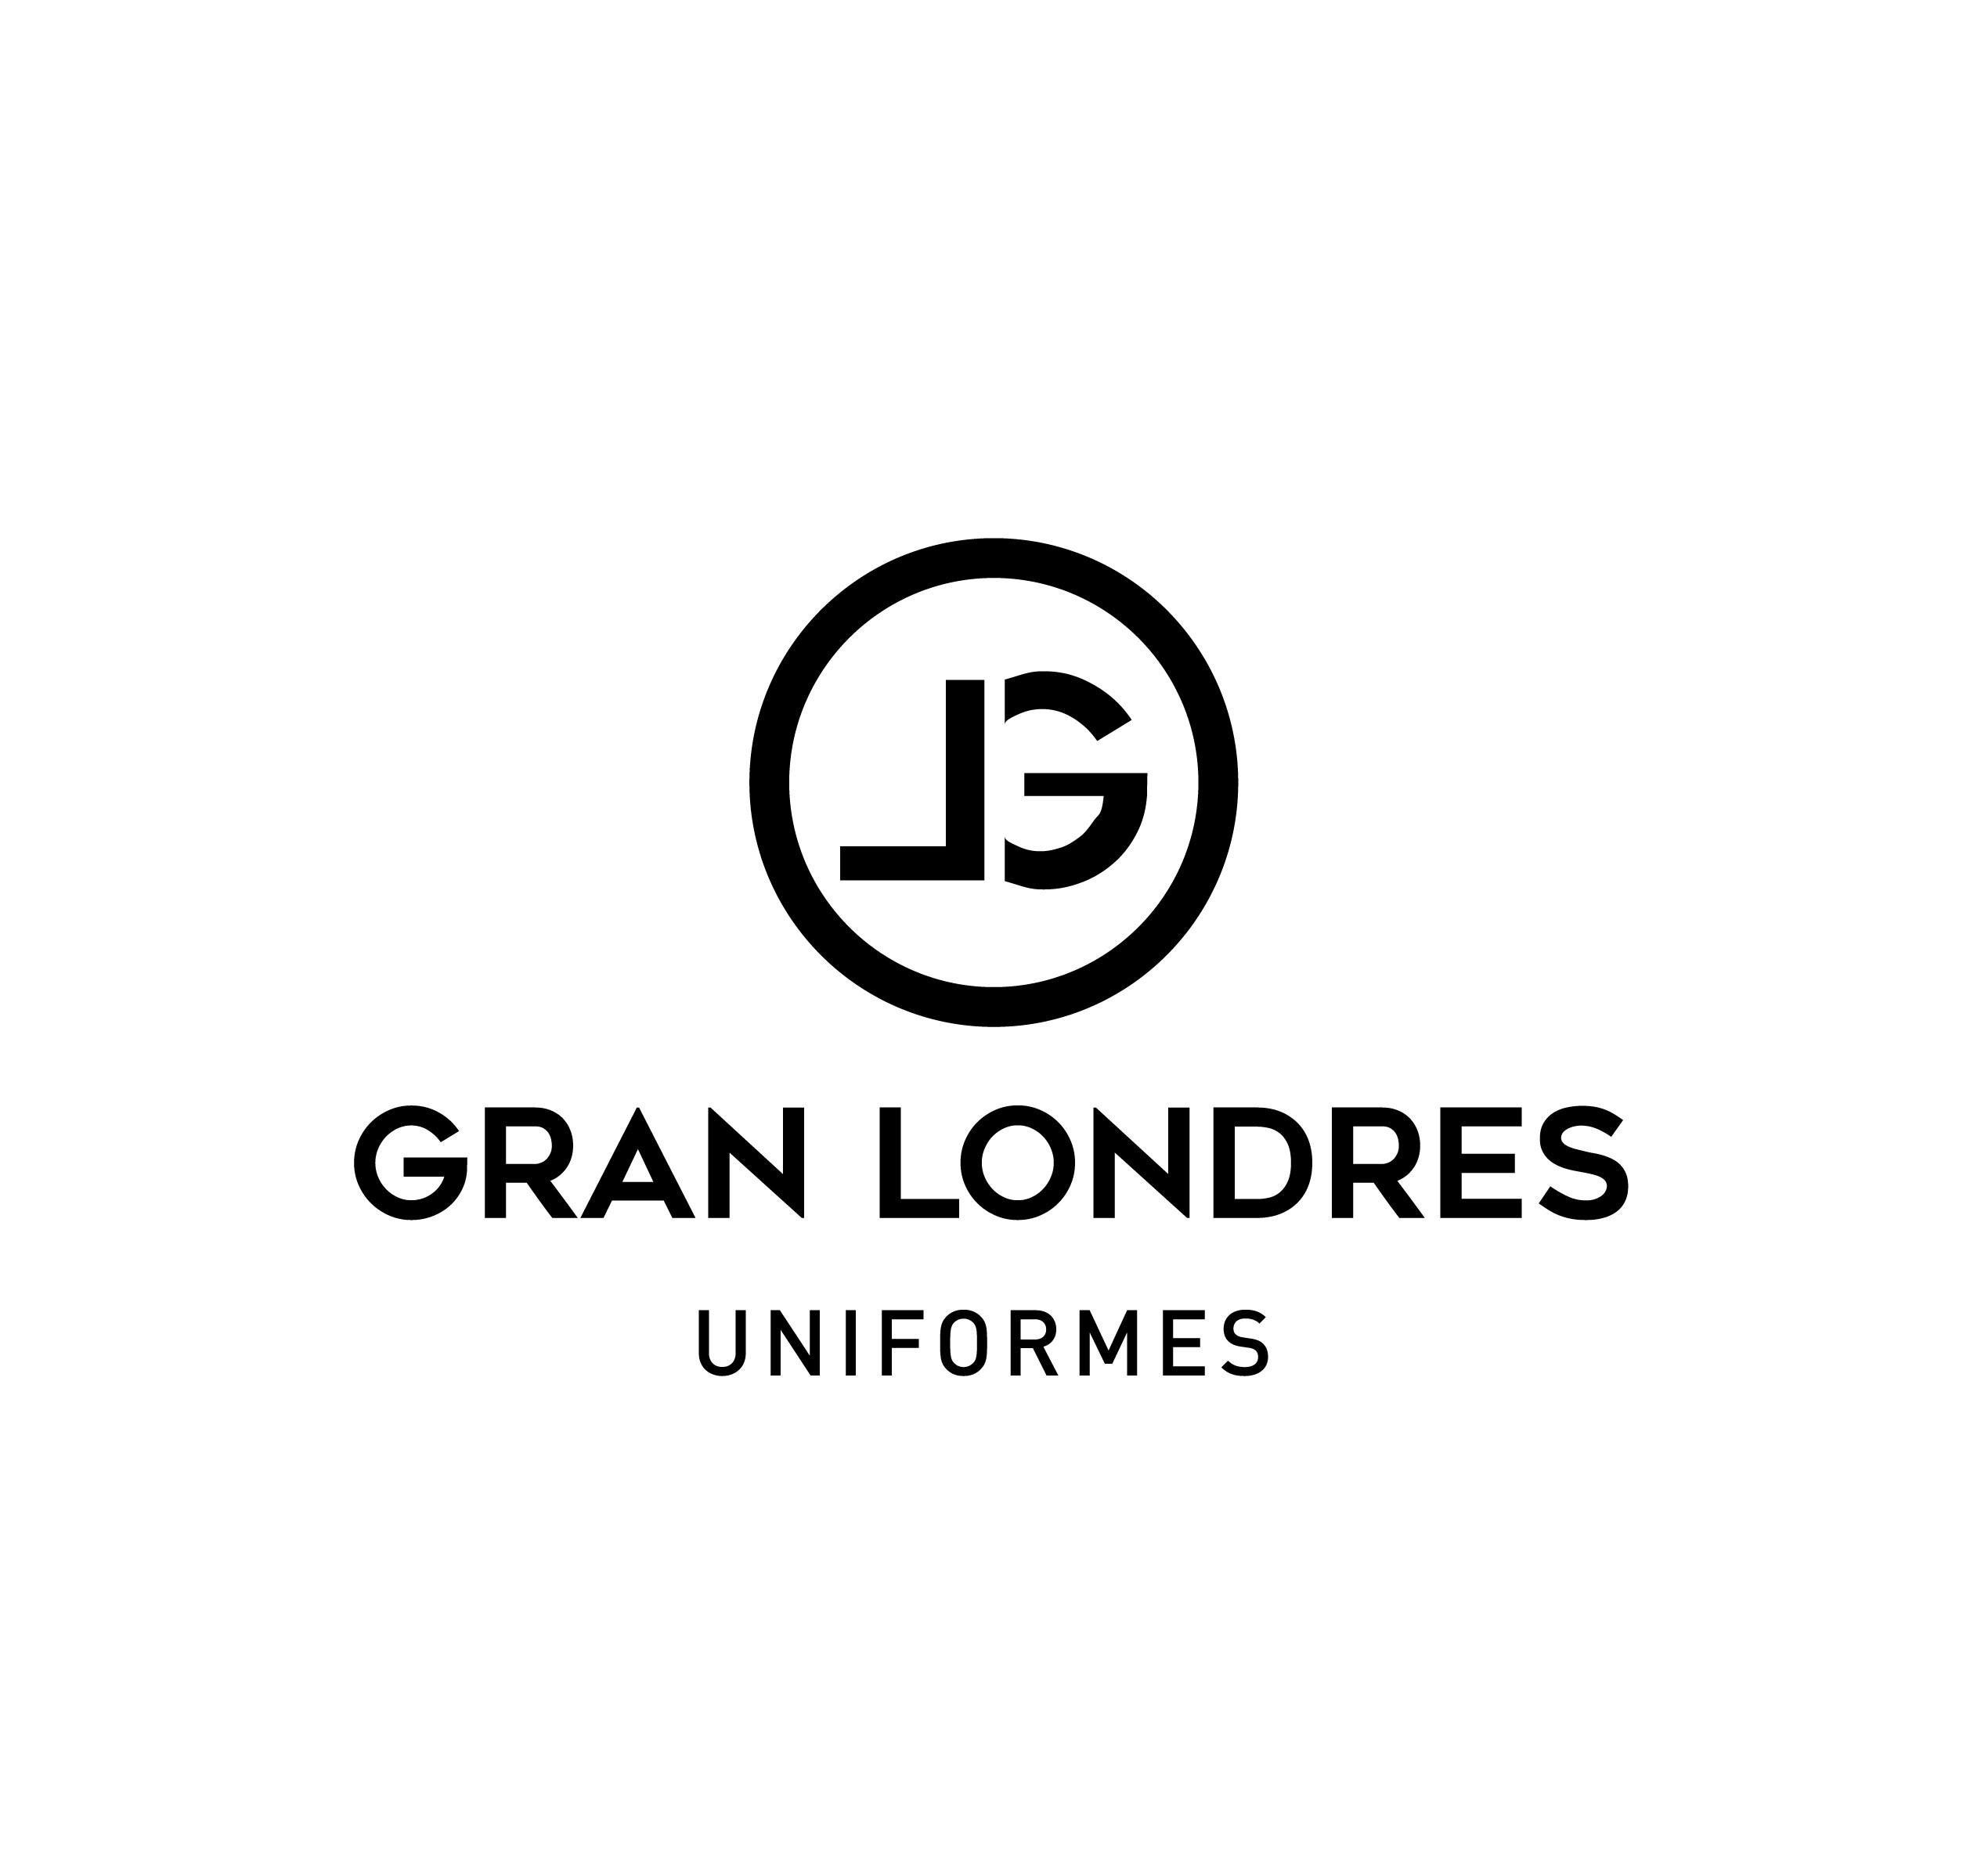 GRAN LONDRES